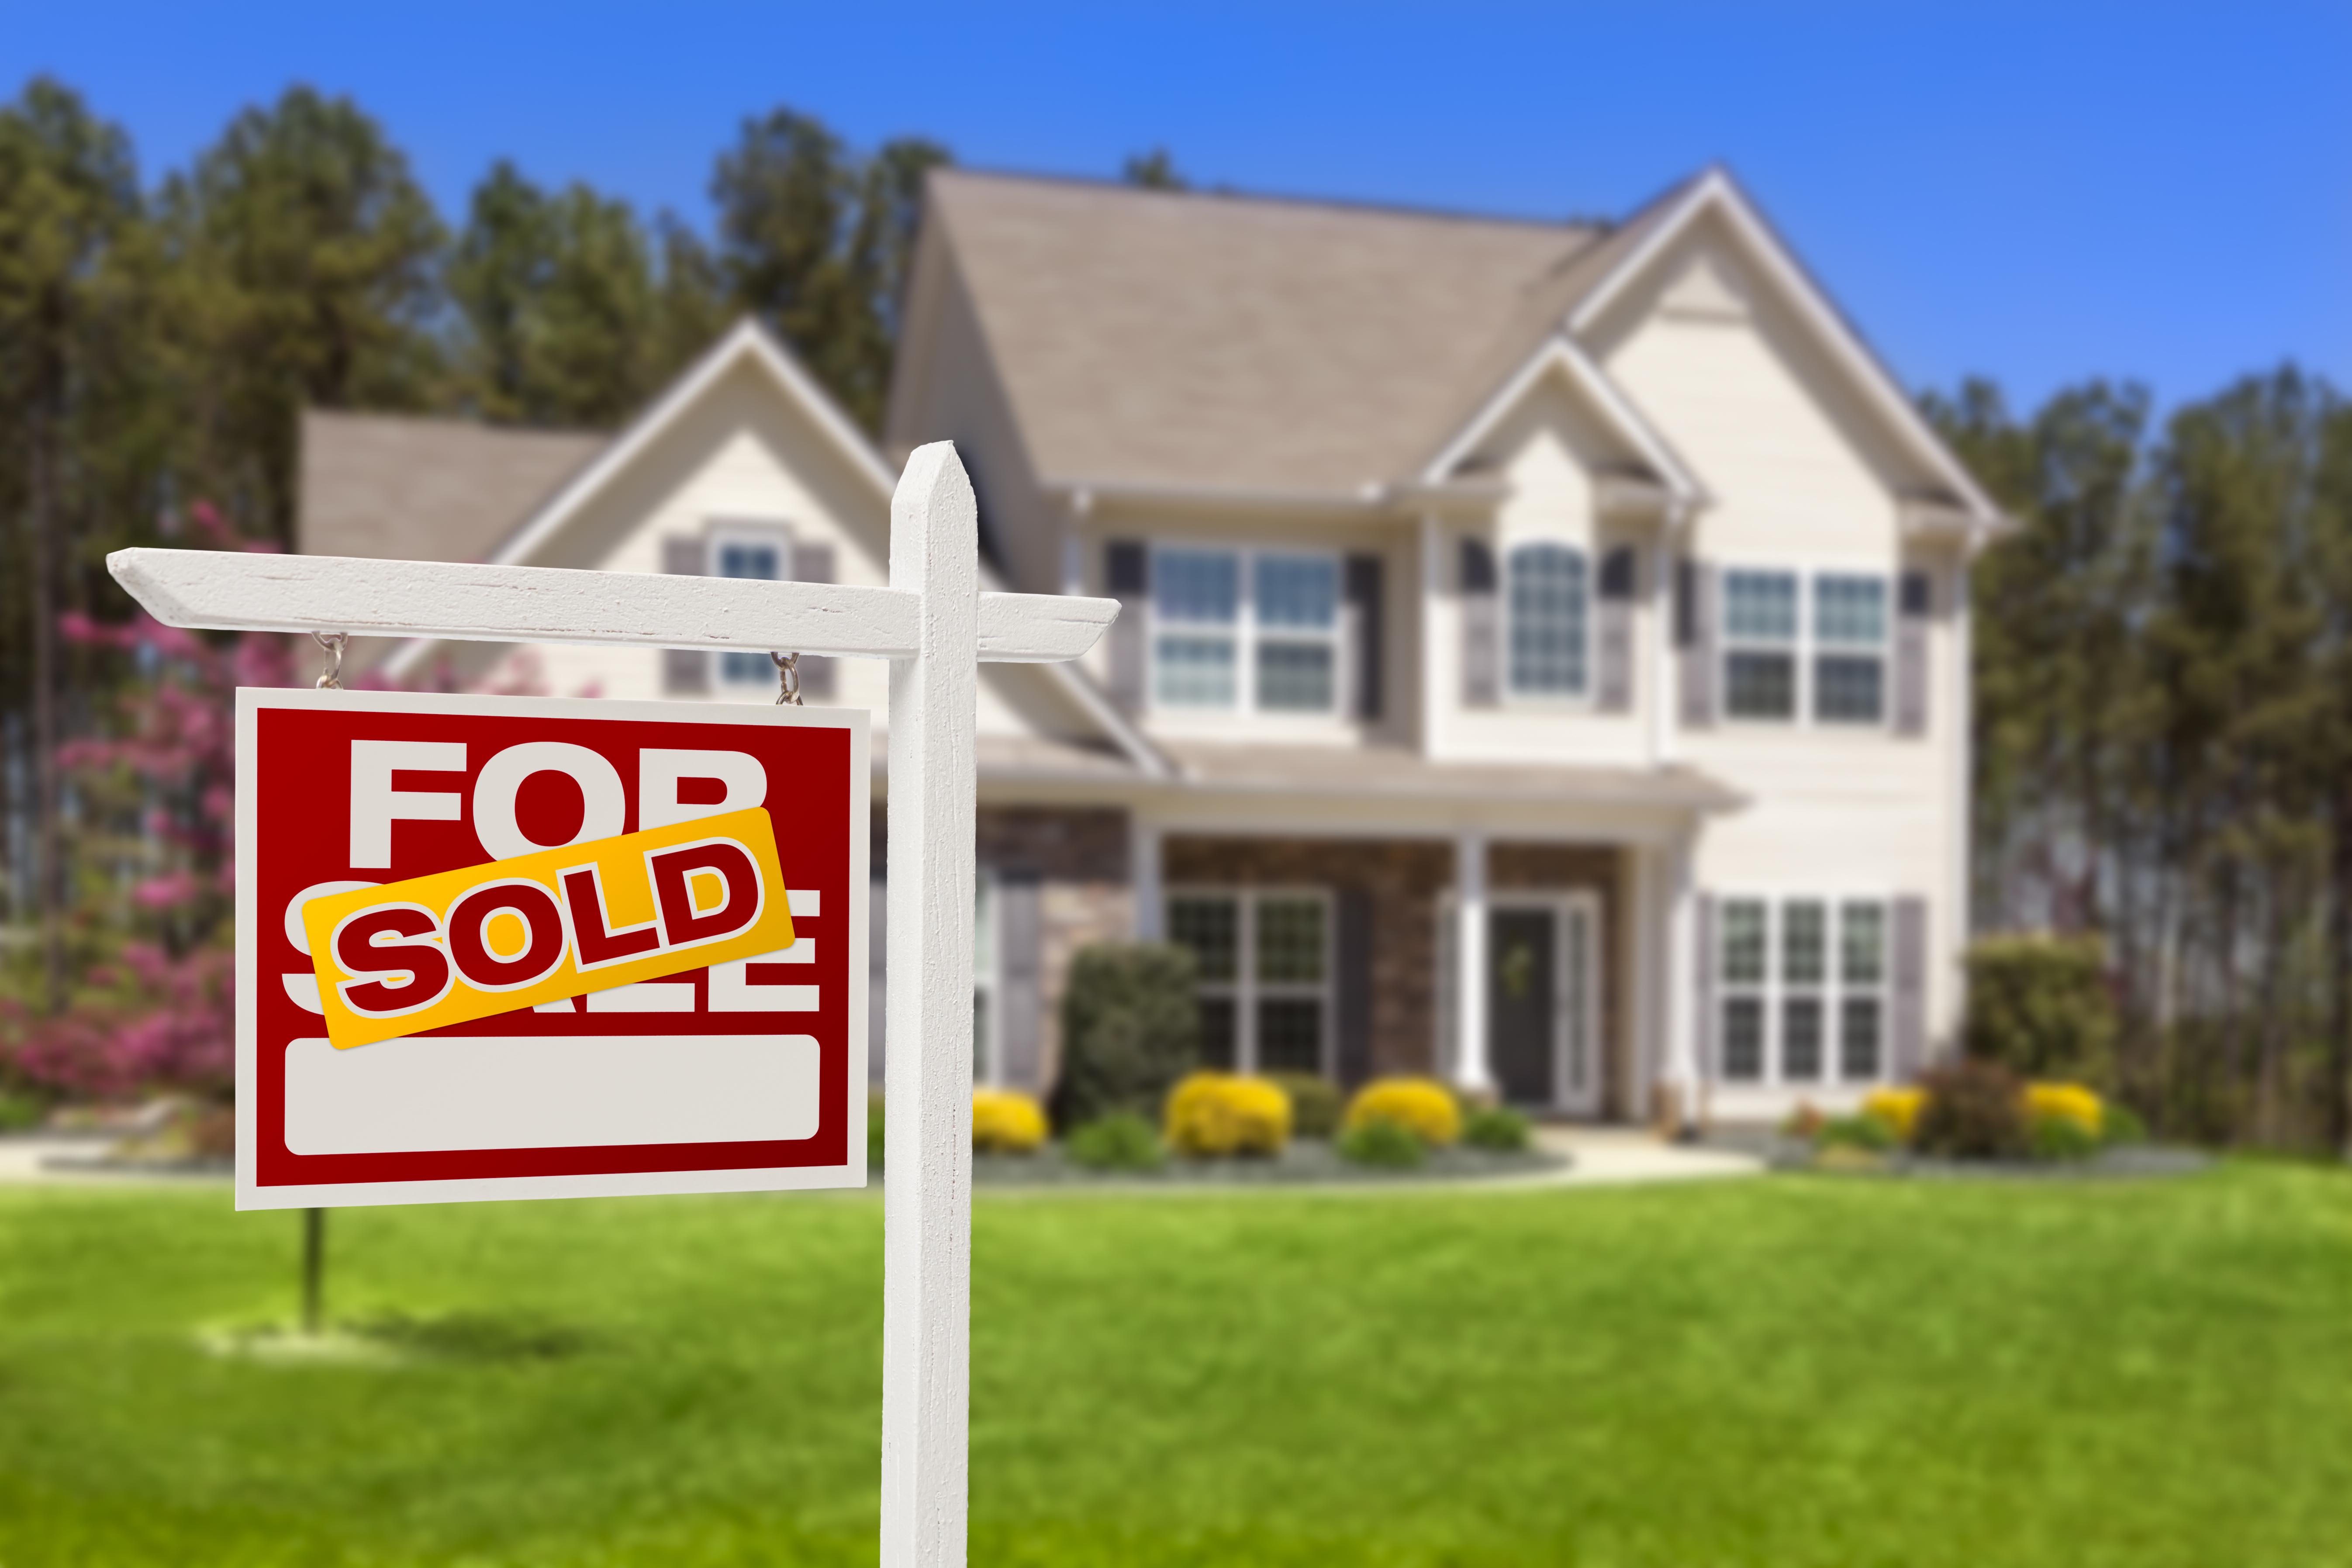 Homes For Sale in Lehi Utah